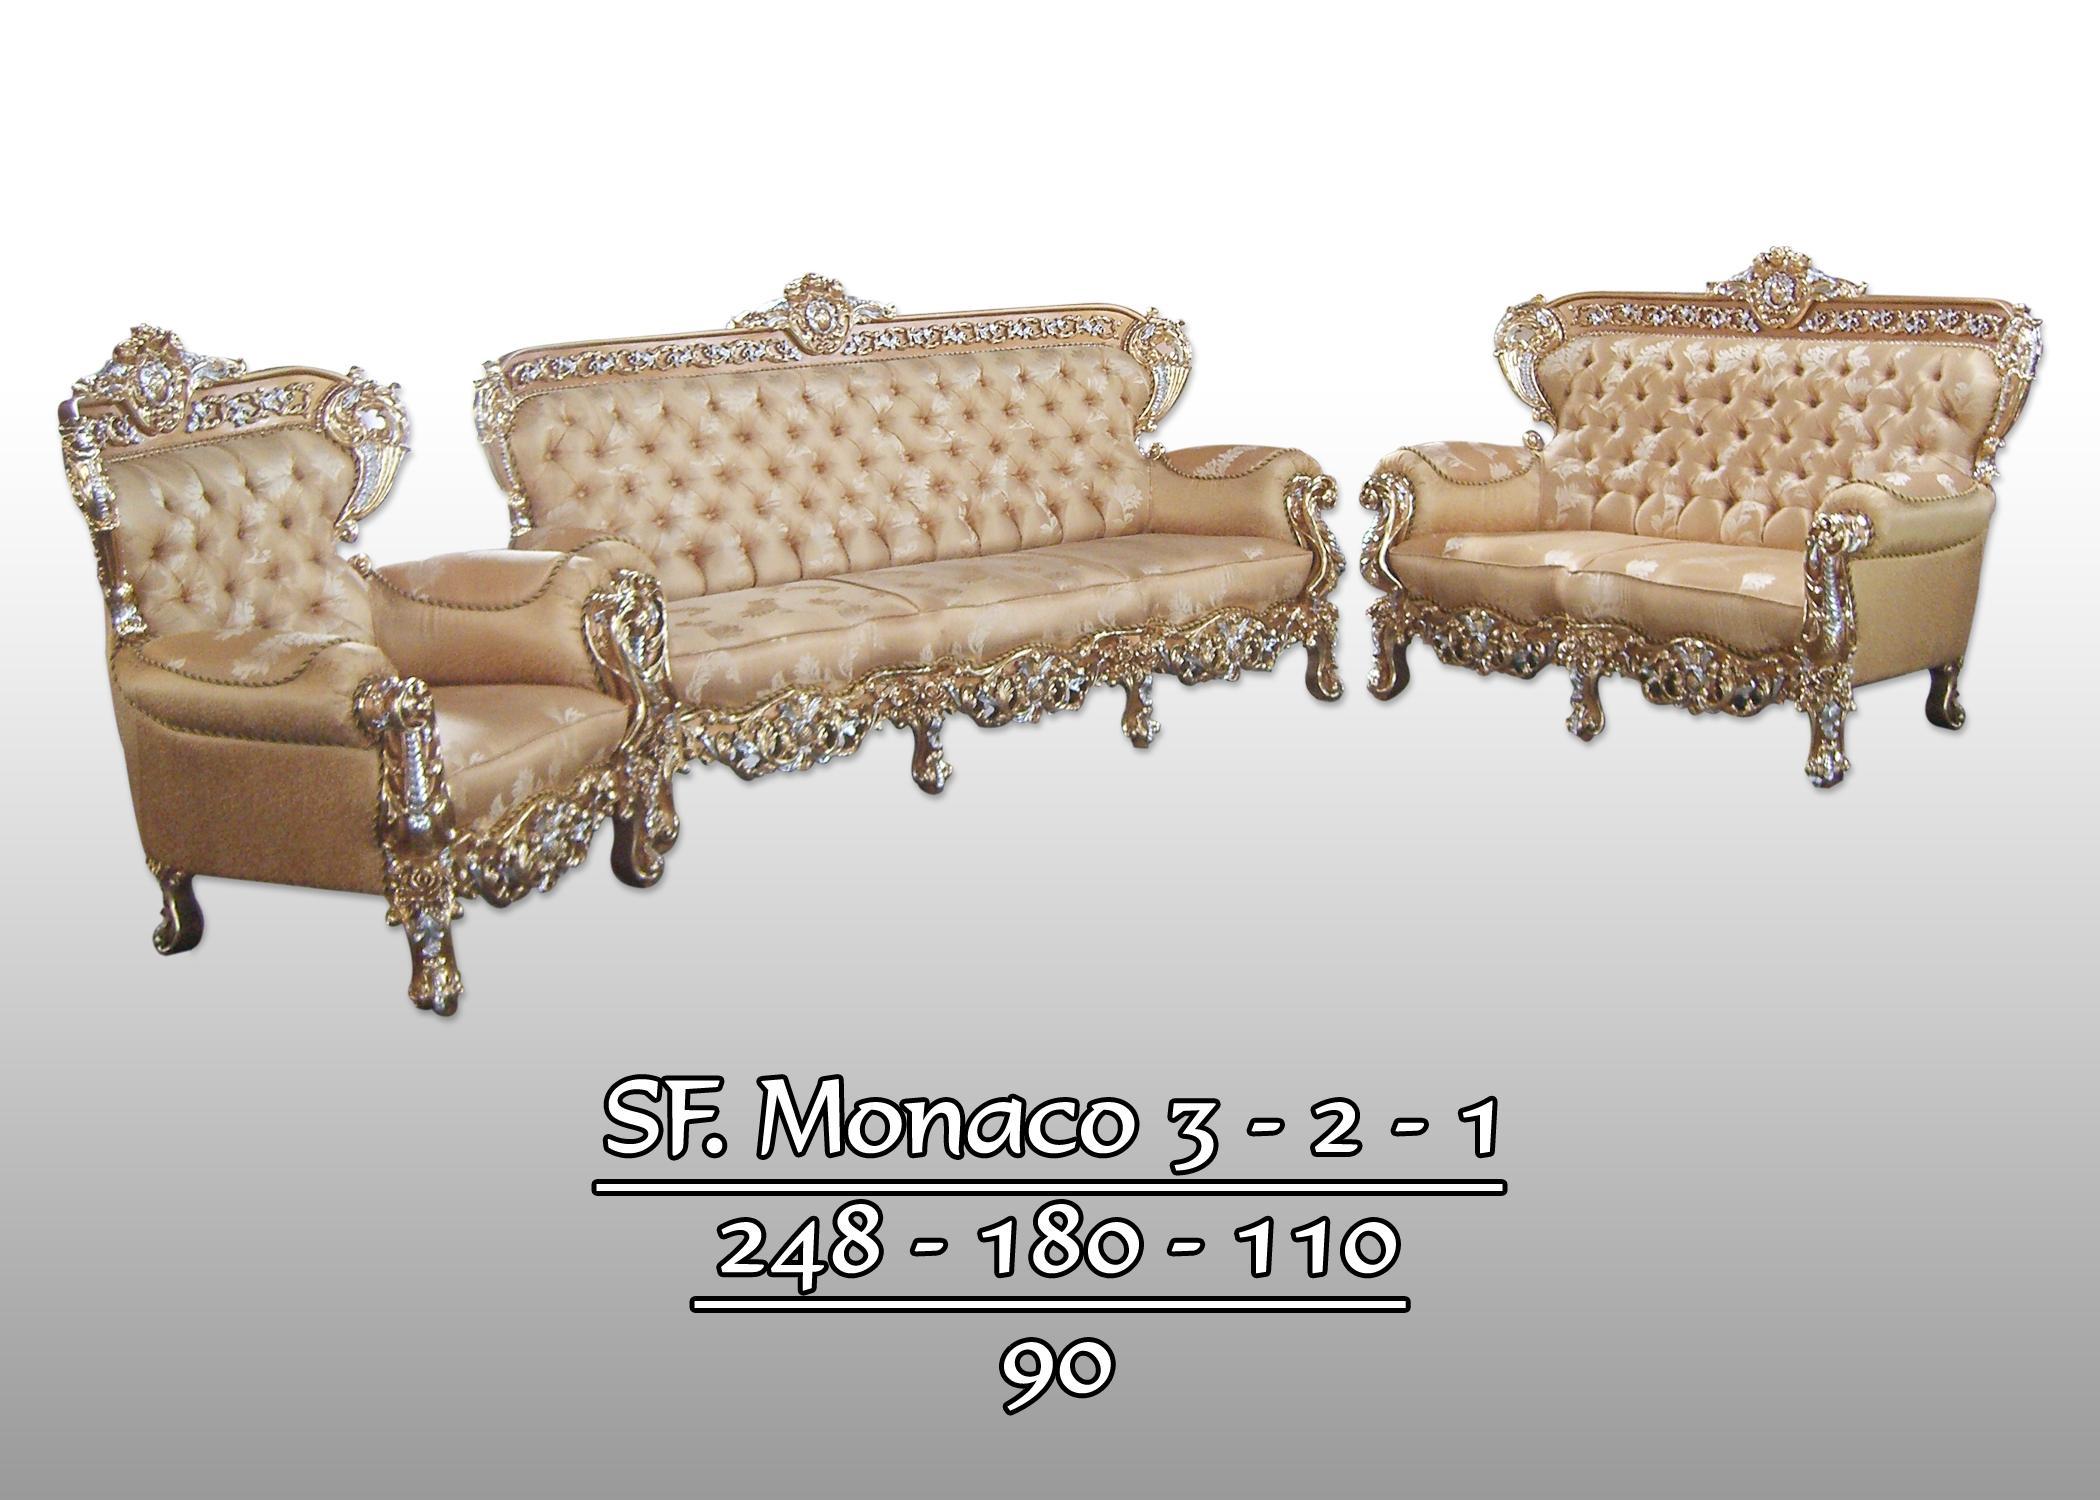 classic style sofa designer sofas ireland 20 40 39container pro monat